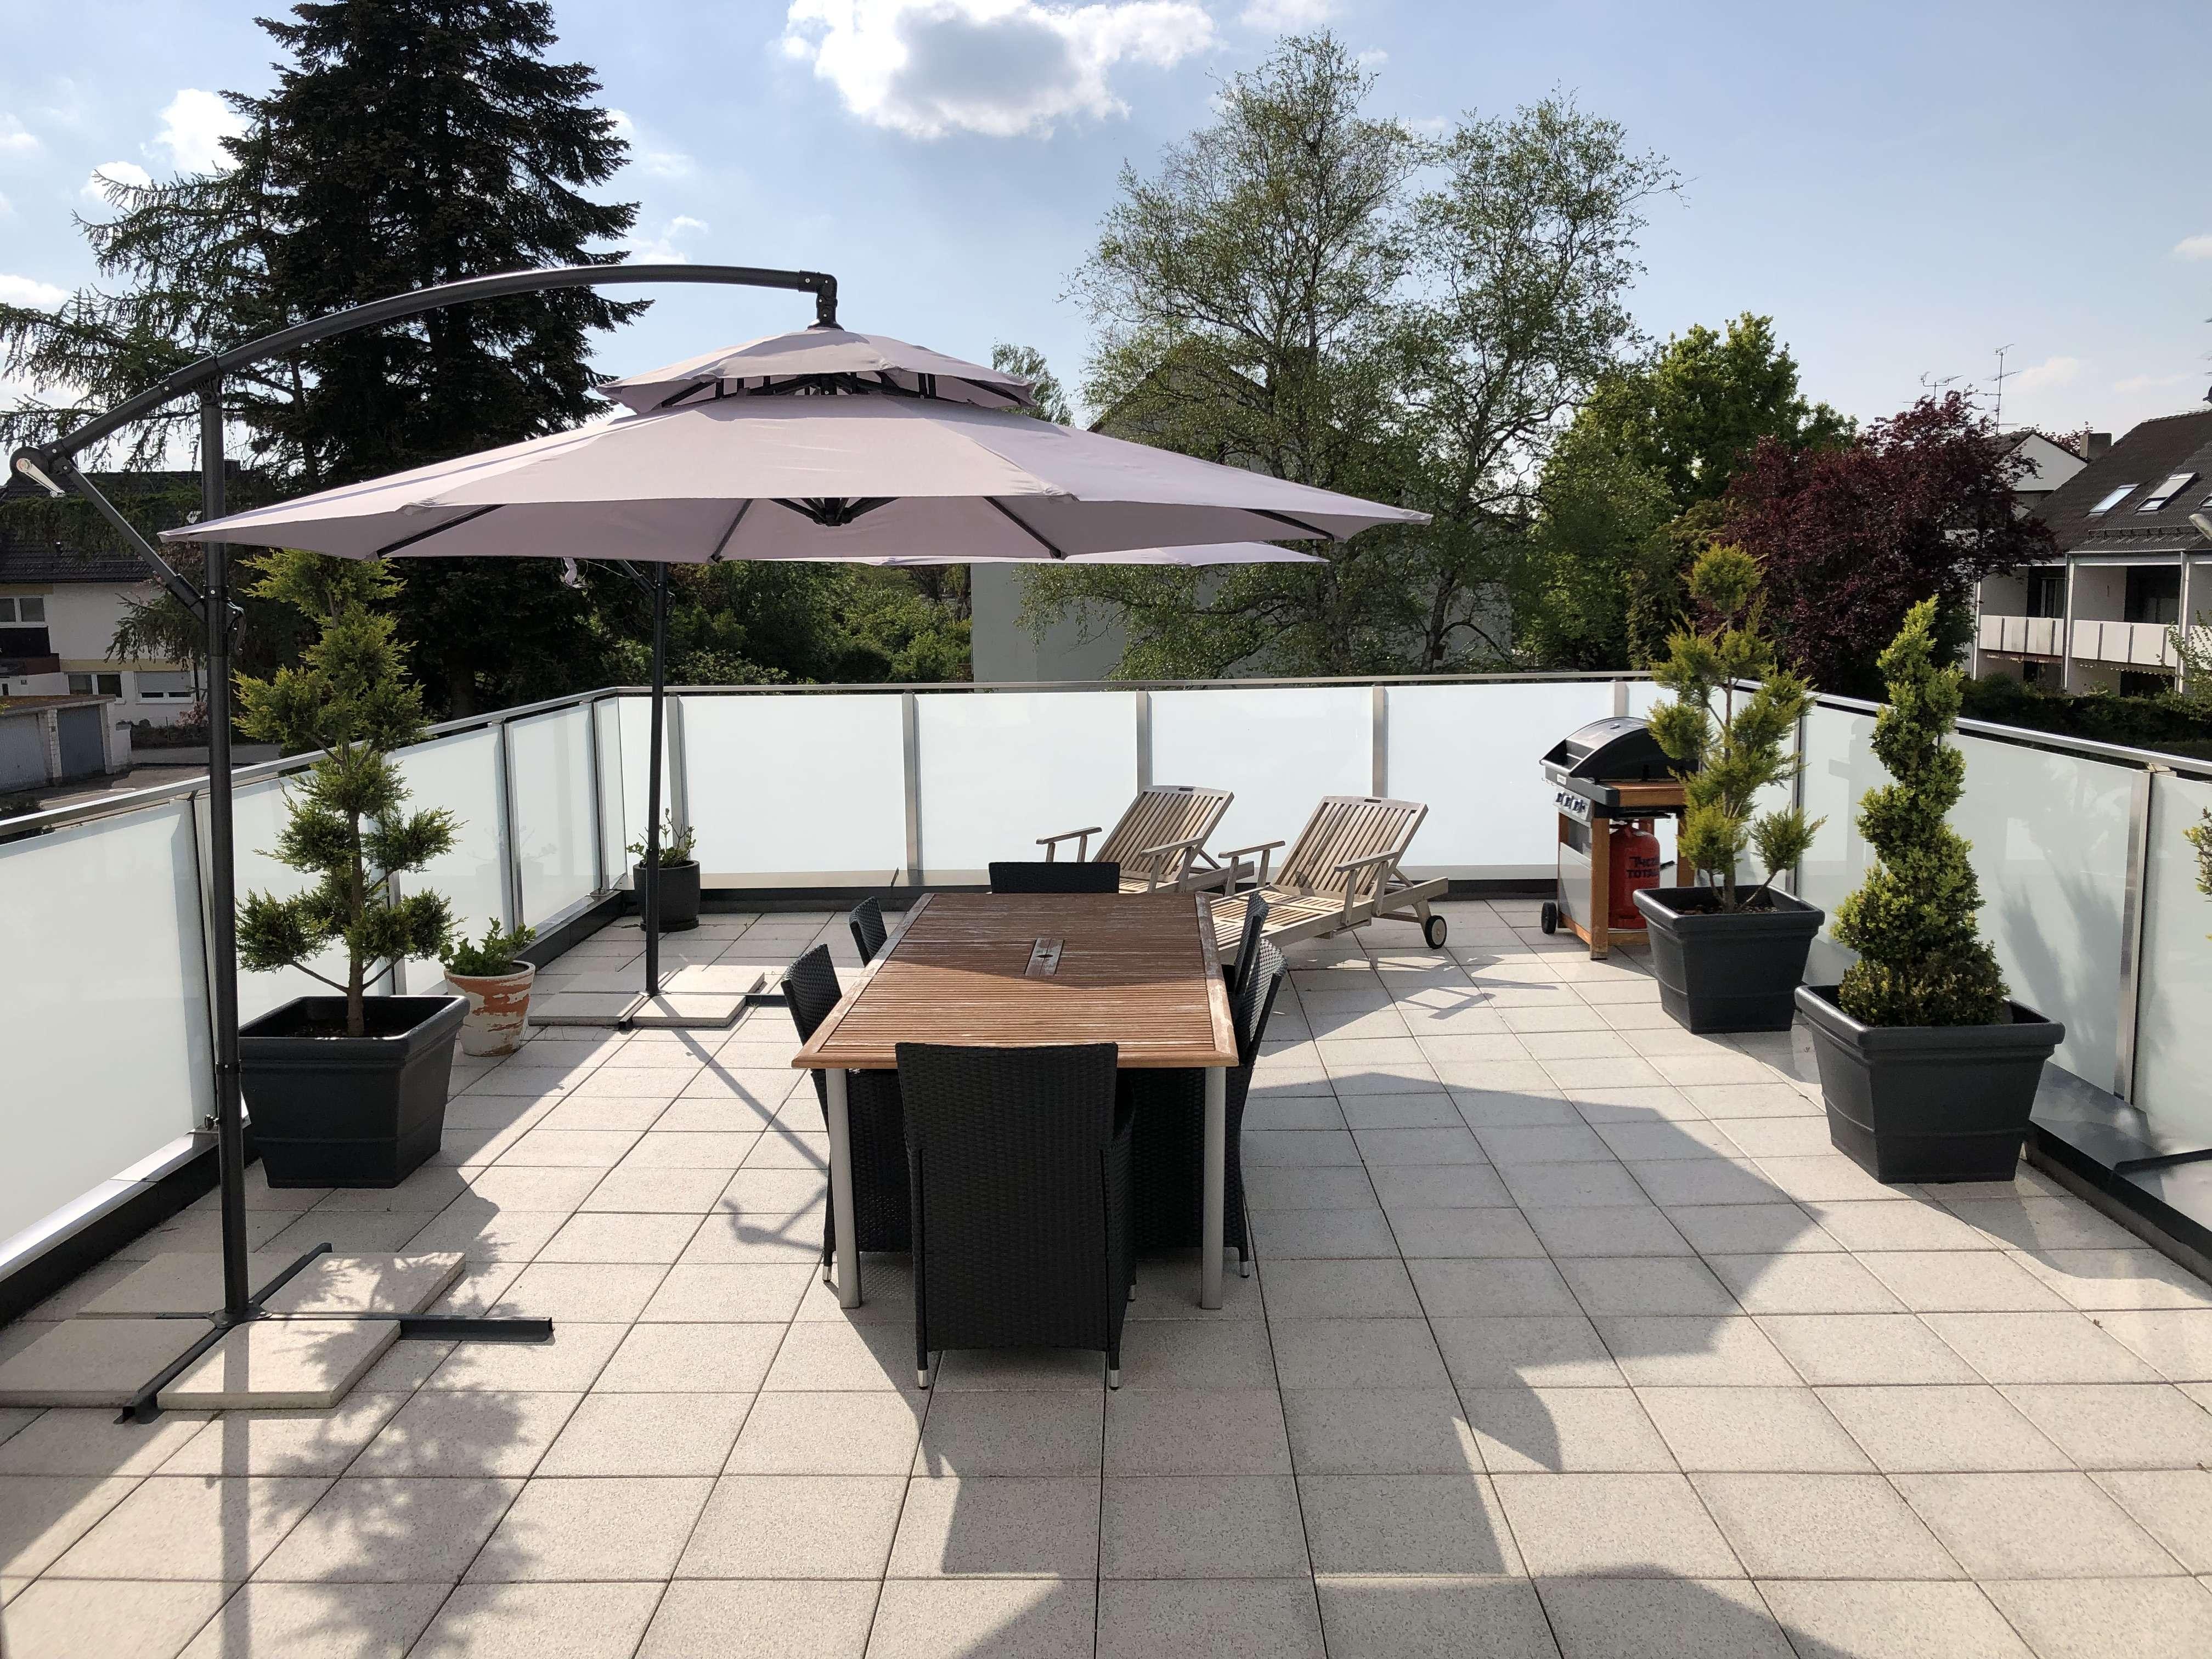 Helle und luxuriöse 4-Zimmer Dachterrassenwohnung in TOP-LAGE Baldham!